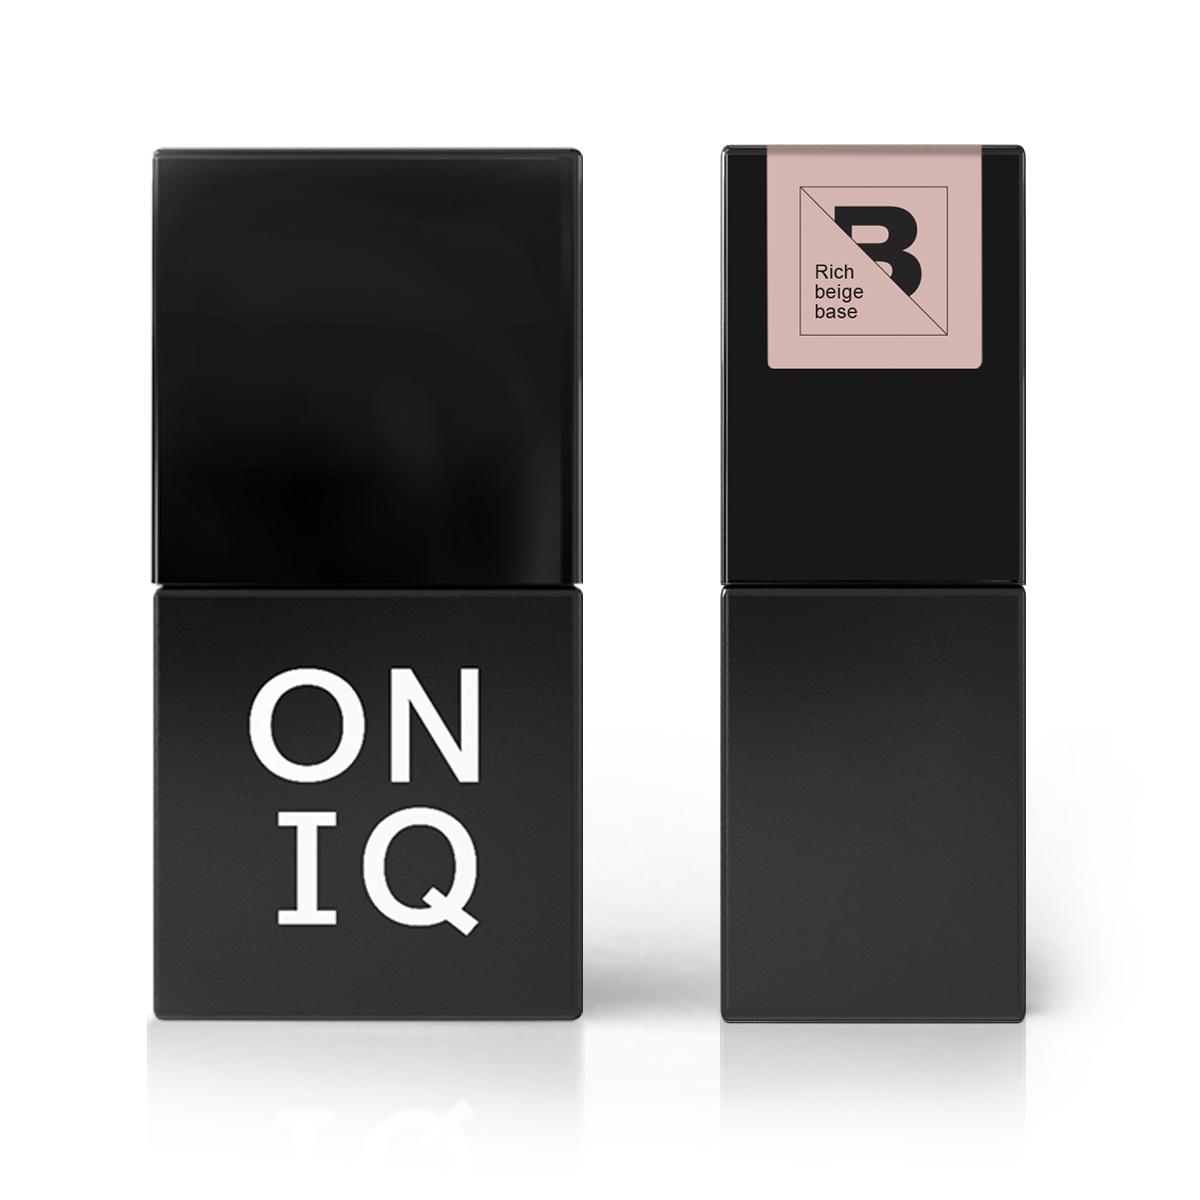 ONIQ Покрытие базовое, насыщенно-бежевое / Rich beige base 10 мл -  Базовые покрытия